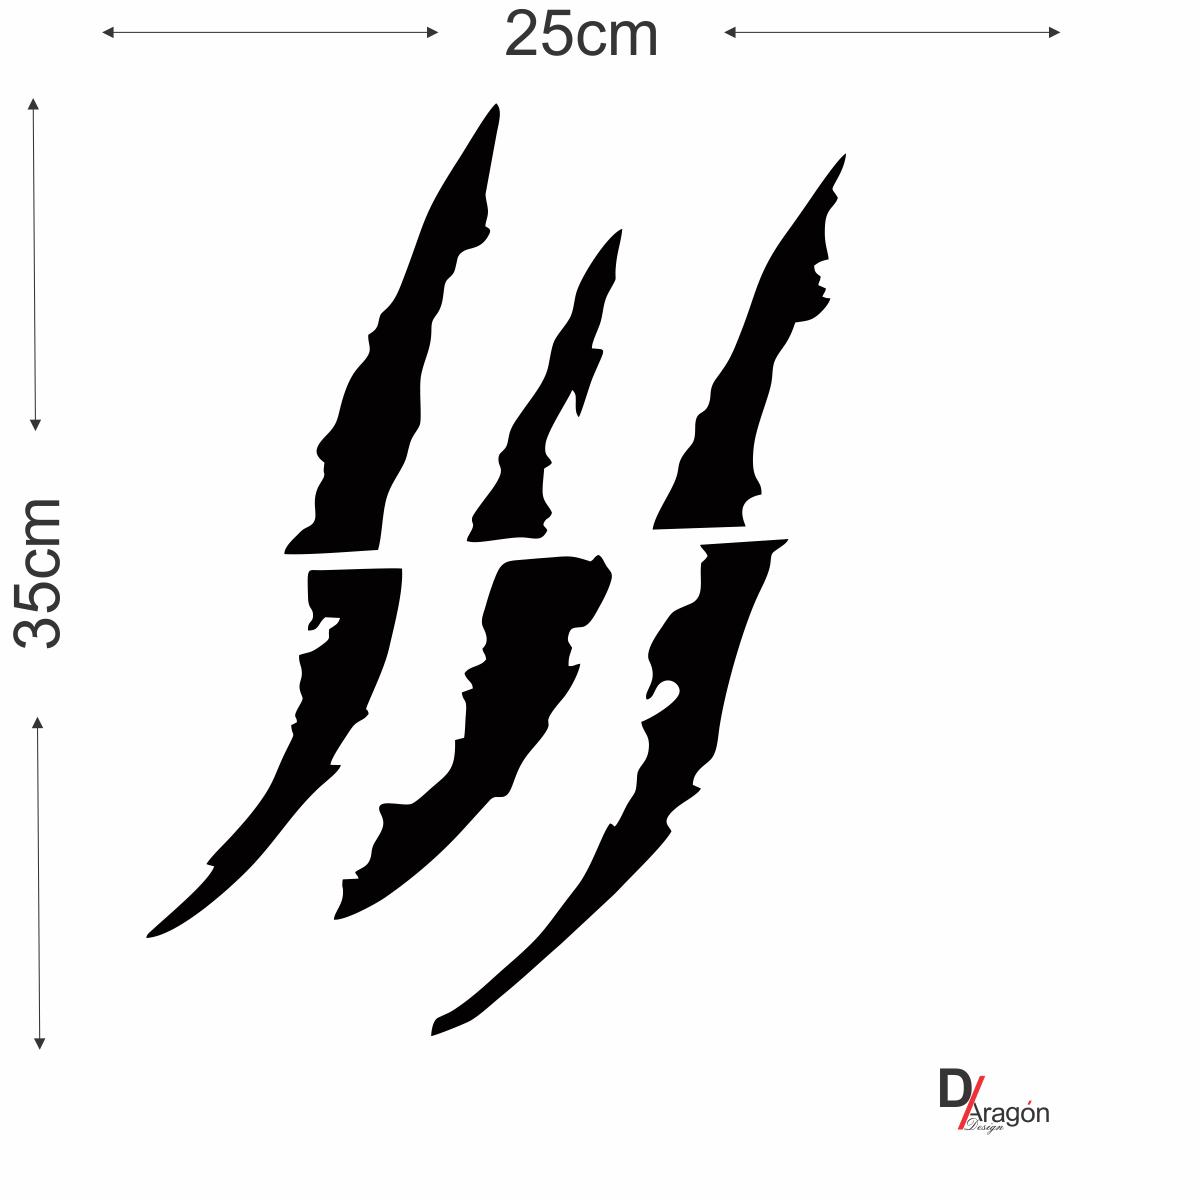 Adesivo Recorte Garra Preto 35cm para Veículos